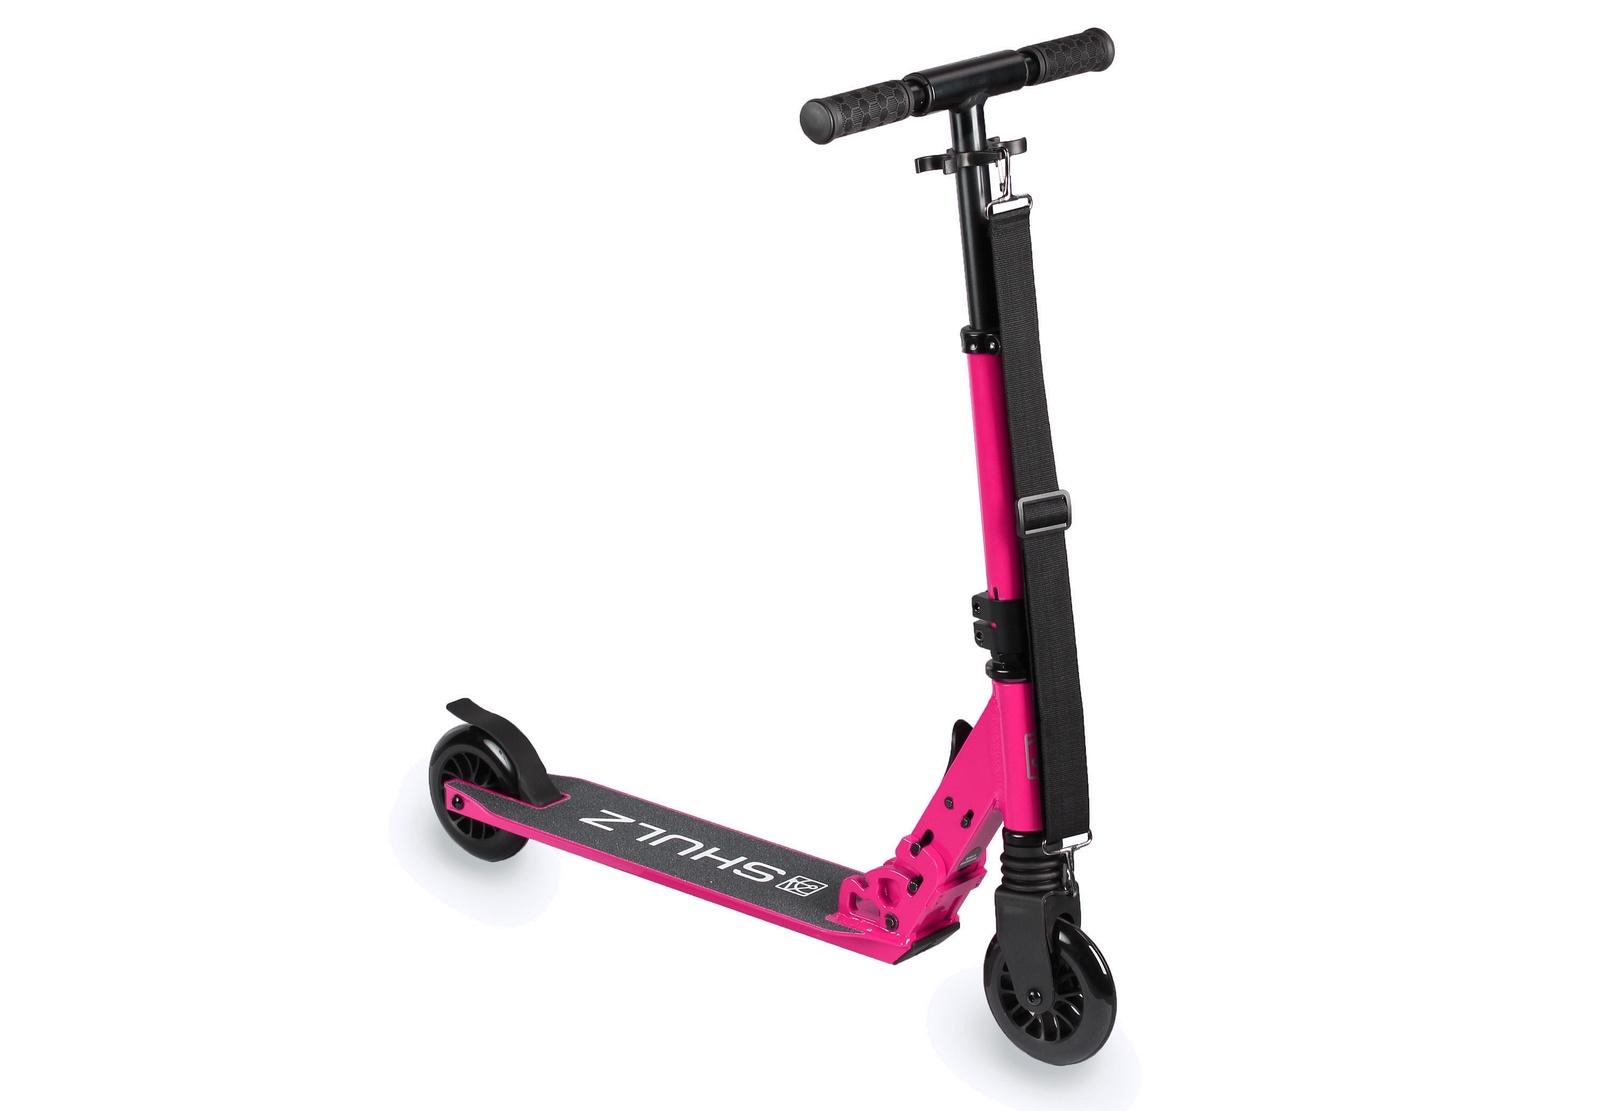 Самокат Shulz 120 2000008310987, розовый, 3,4 кг цена